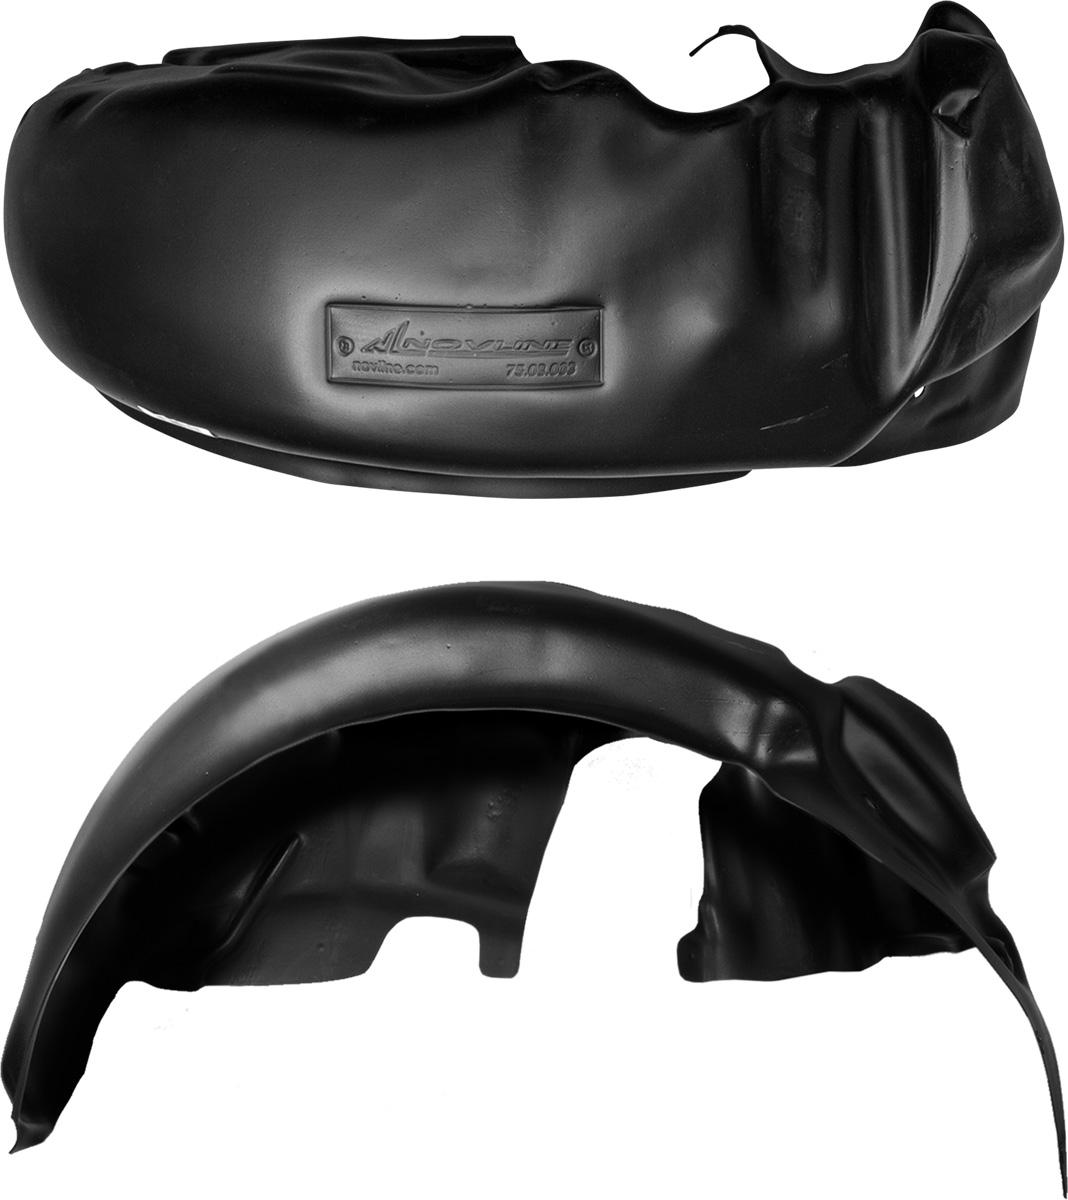 Подкрылок Novline-Autofamily, для Mazda 6, 2012-2015, 2015->, задний левыйBI.MA.11.003Колесные ниши – одни из самых уязвимых зон днища вашего автомобиля. Они постоянно подвергаются воздействию со стороны дороги. Лучшая, почти абсолютная защита для них - специально отформованные пластиковые кожухи, которые называются подкрылками. Производятся они как для отечественных моделей автомобилей, так и для иномарок. Подкрылки Novline-Autofamily выполнены из высококачественного, экологически чистого пластика. Обеспечивают надежную защиту кузова автомобиля от пескоструйного эффекта и негативного влияния, агрессивных антигололедных реагентов. Пластик обладает более низкой теплопроводностью, чем металл, поэтому в зимний период эксплуатации использование пластиковых подкрылков позволяет лучше защитить колесные ниши от налипания снега и образования наледи. Оригинальность конструкции подчеркивает элегантность автомобиля, бережно защищает нанесенное на днище кузова антикоррозийное покрытие и позволяет осуществить крепление подкрылков внутри колесной арки практически без...